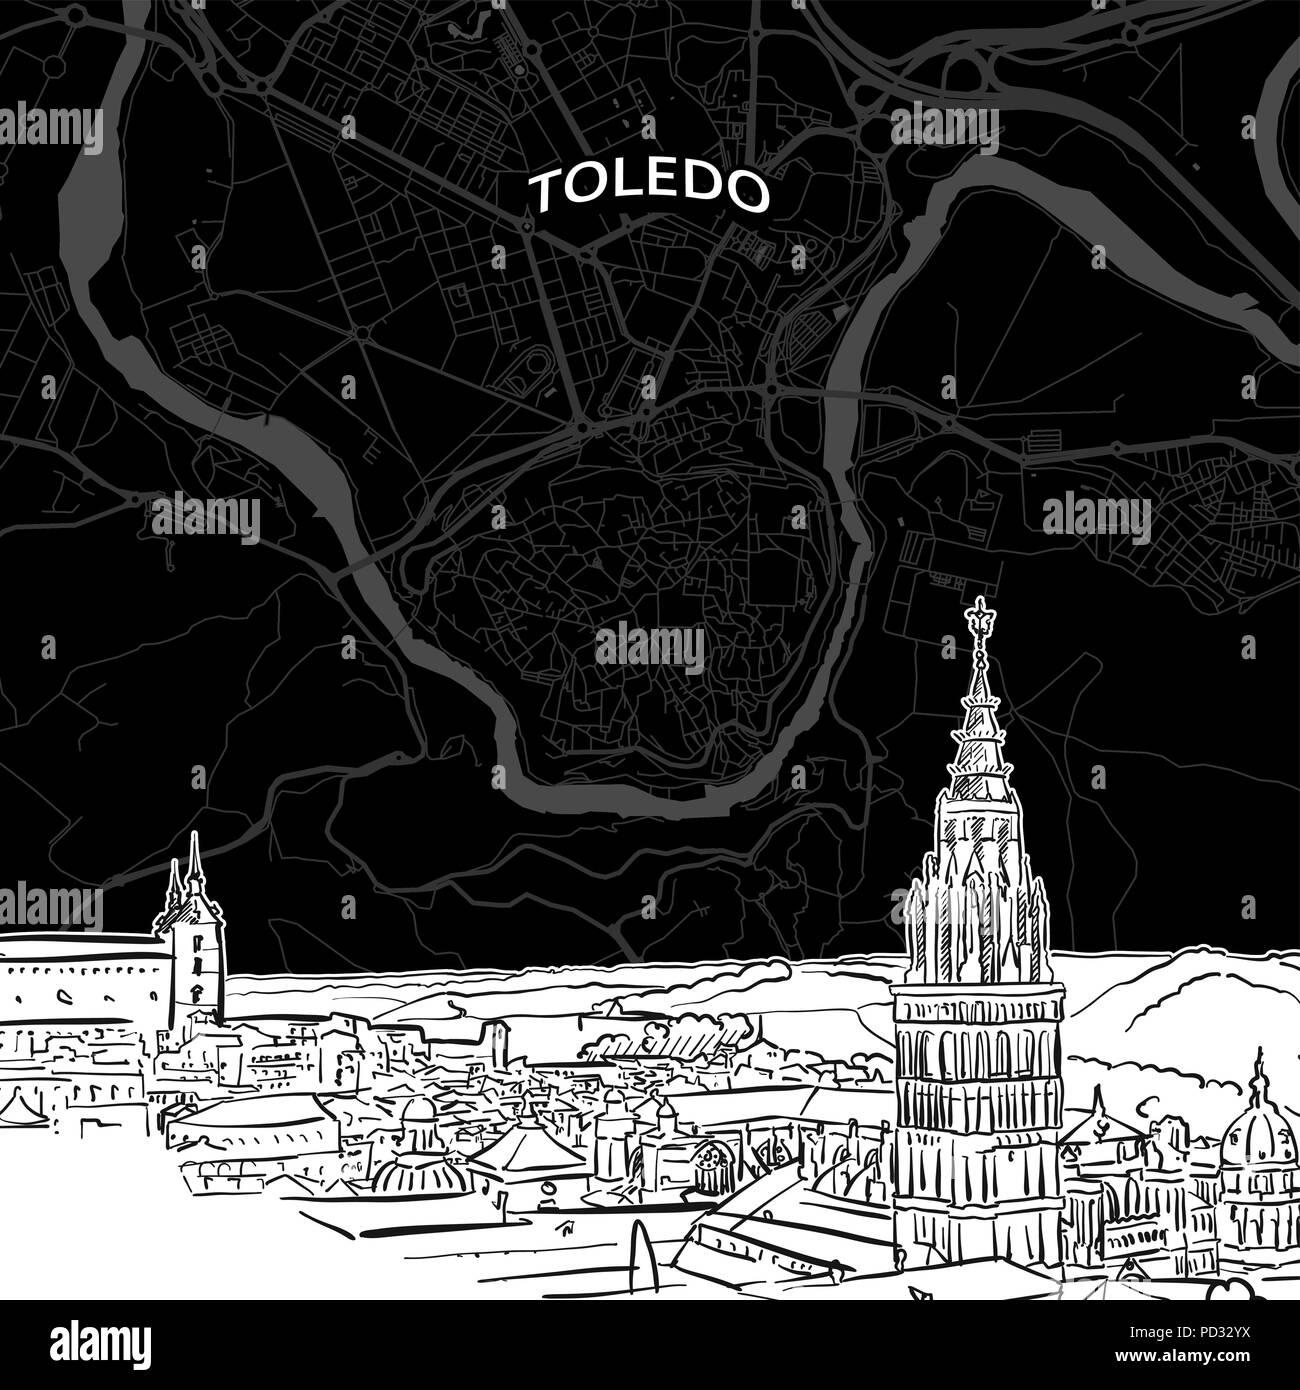 Spanien Karte Schwarz Weiß.Hand Gezeichnete Skizze Von Toledo Essen Vektor Zeichnung Der